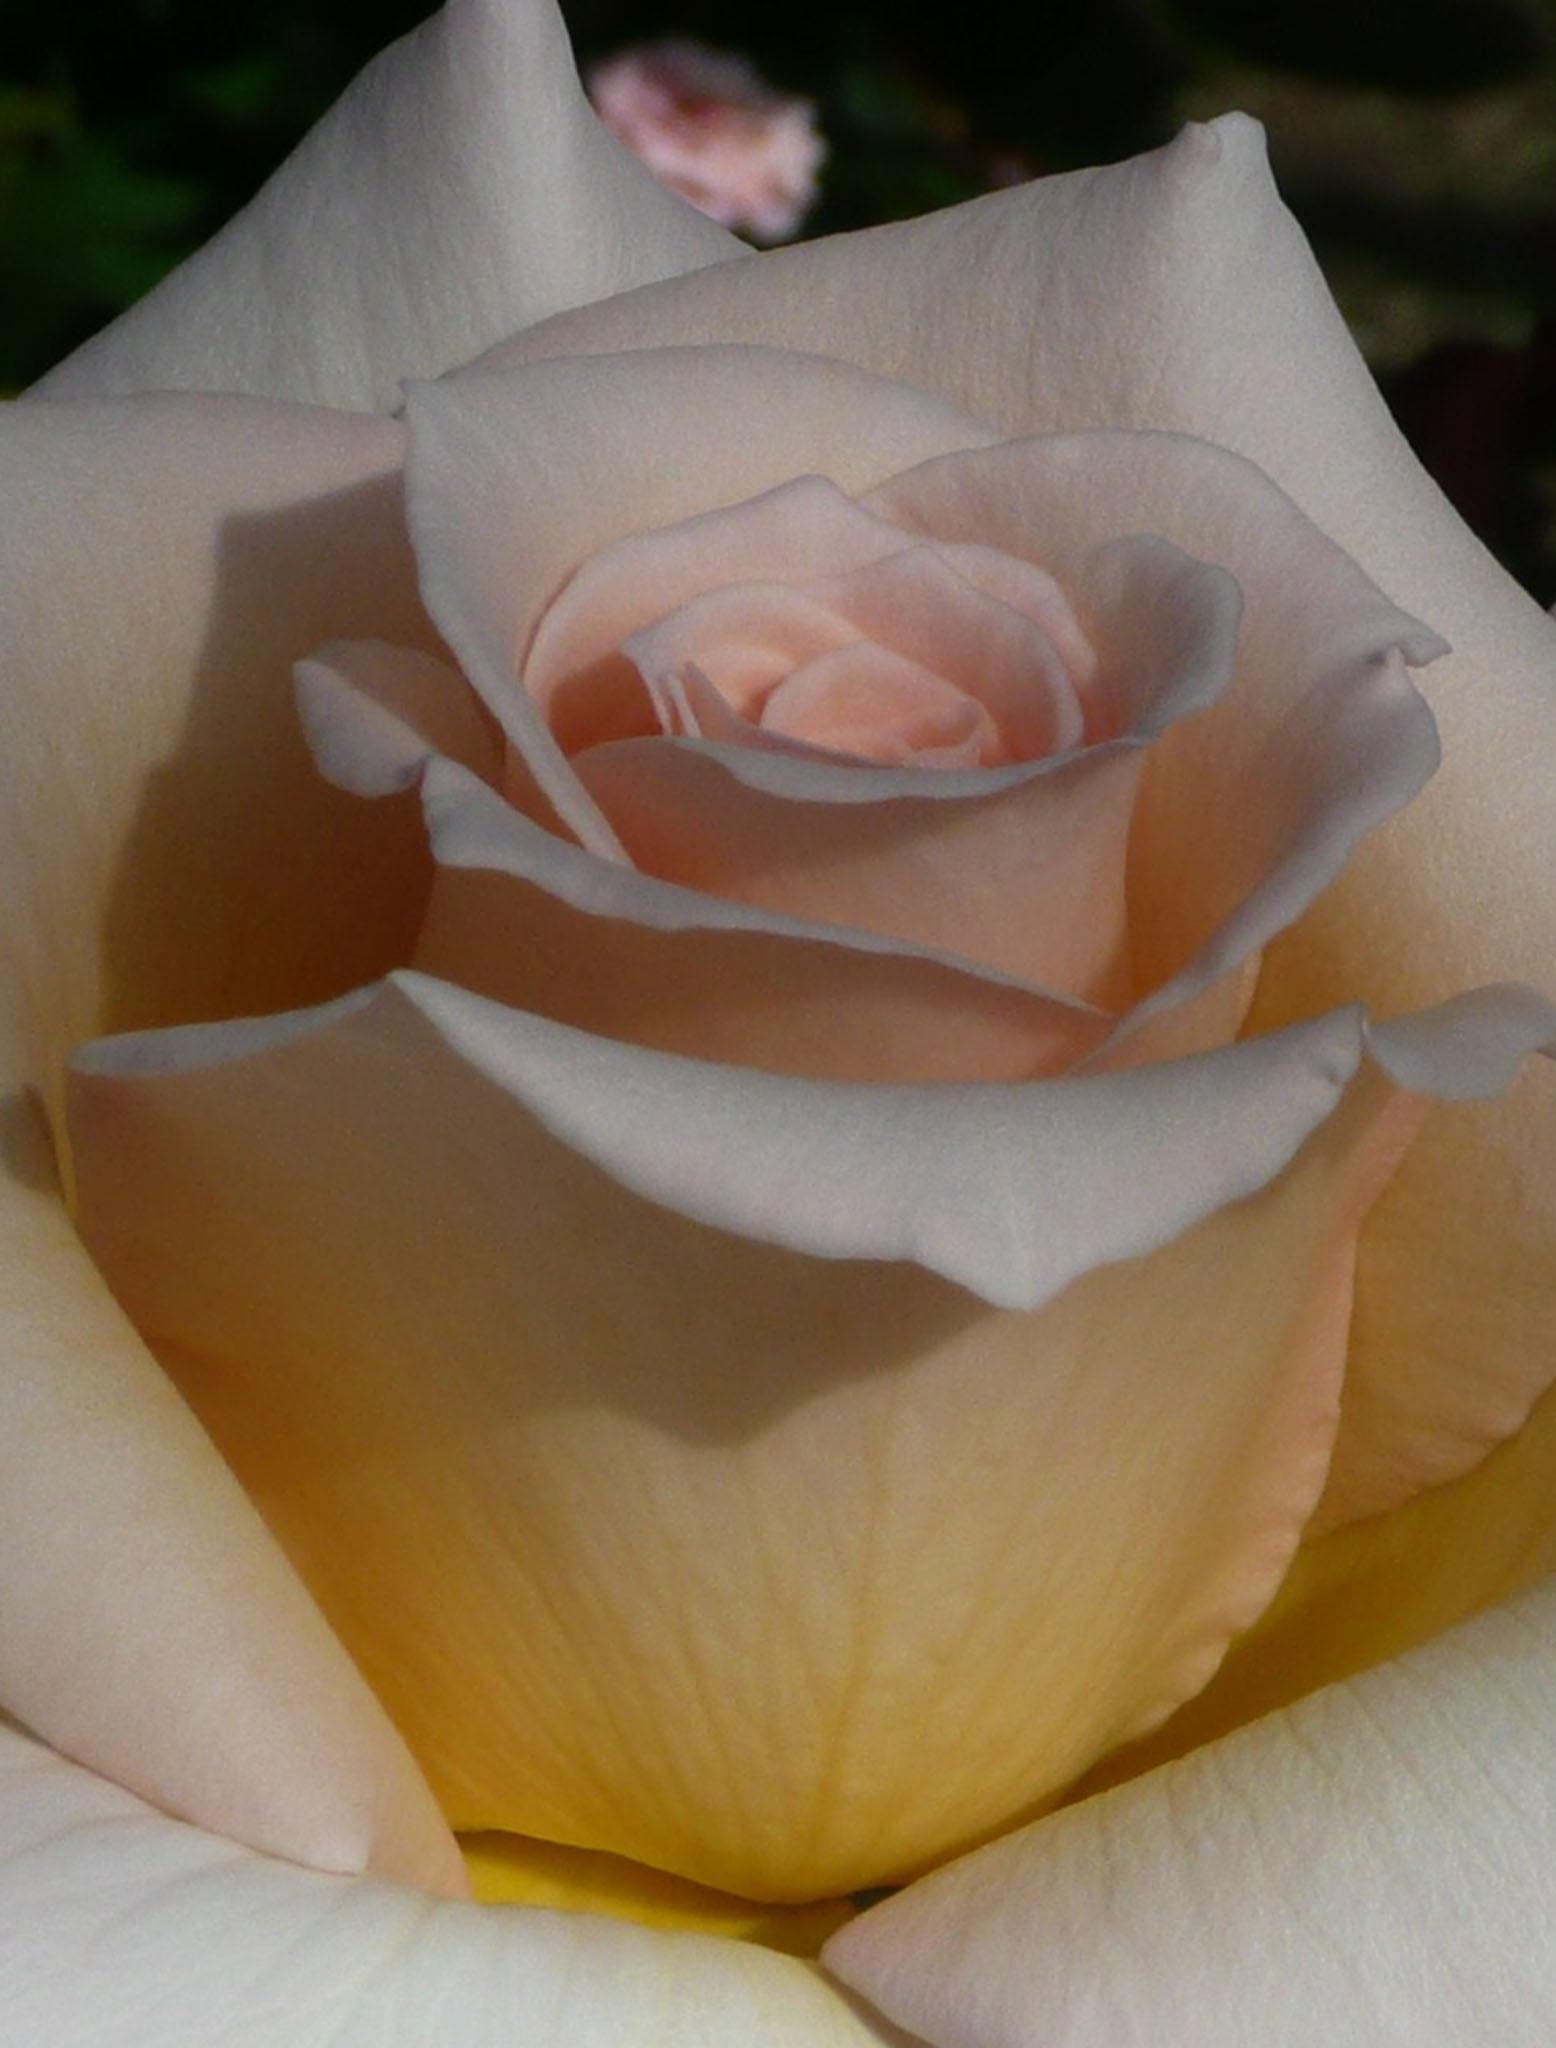 Isn't she lovely®